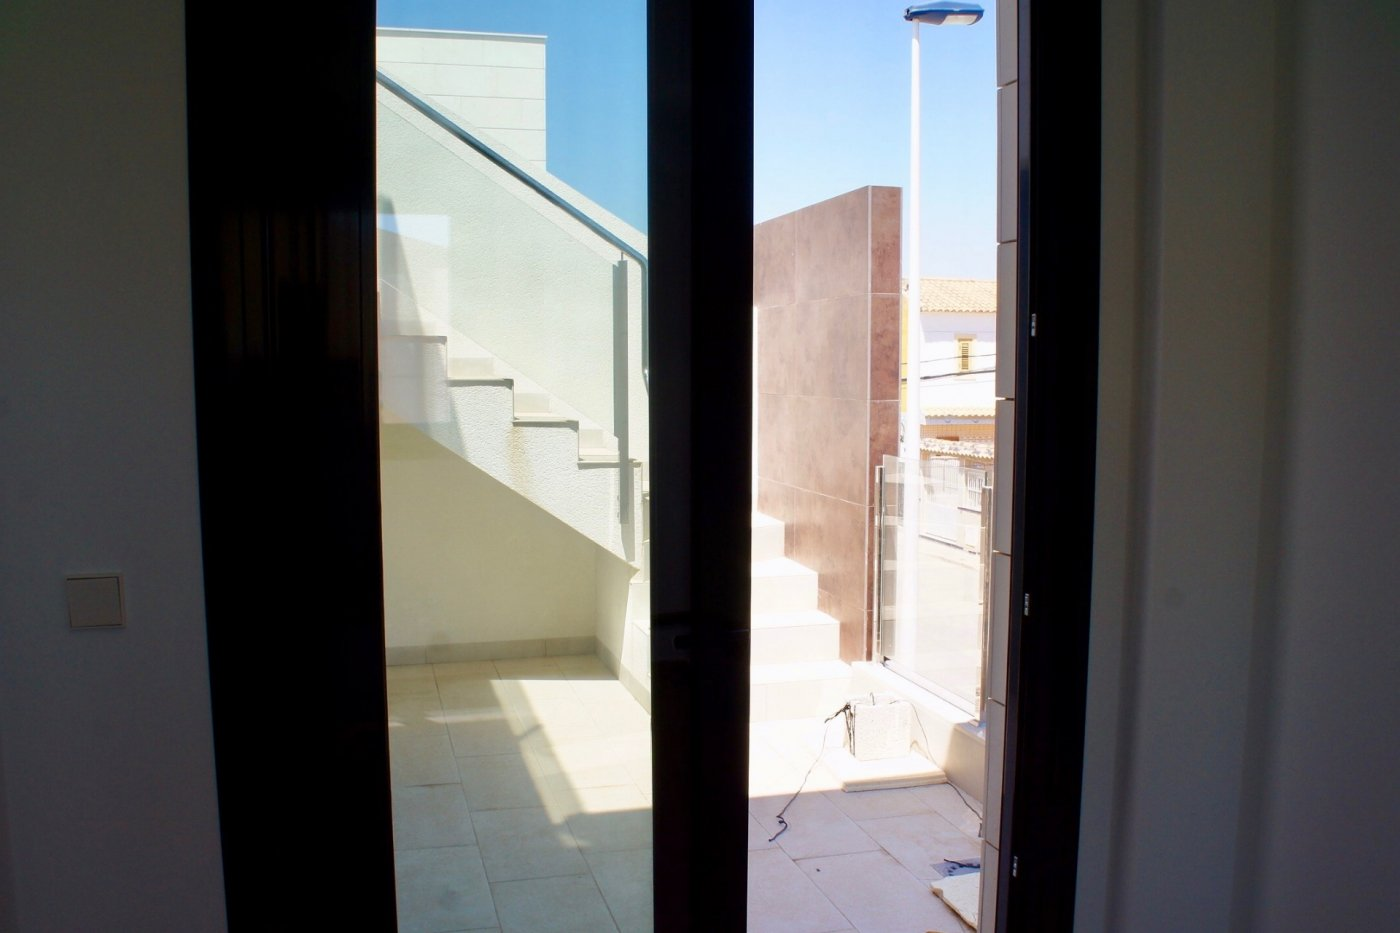 Gallery Image 15 of Nuevo apartamento listo en la planta superior de 2 dormitorios a solo 2 minutos a pie de las playas,